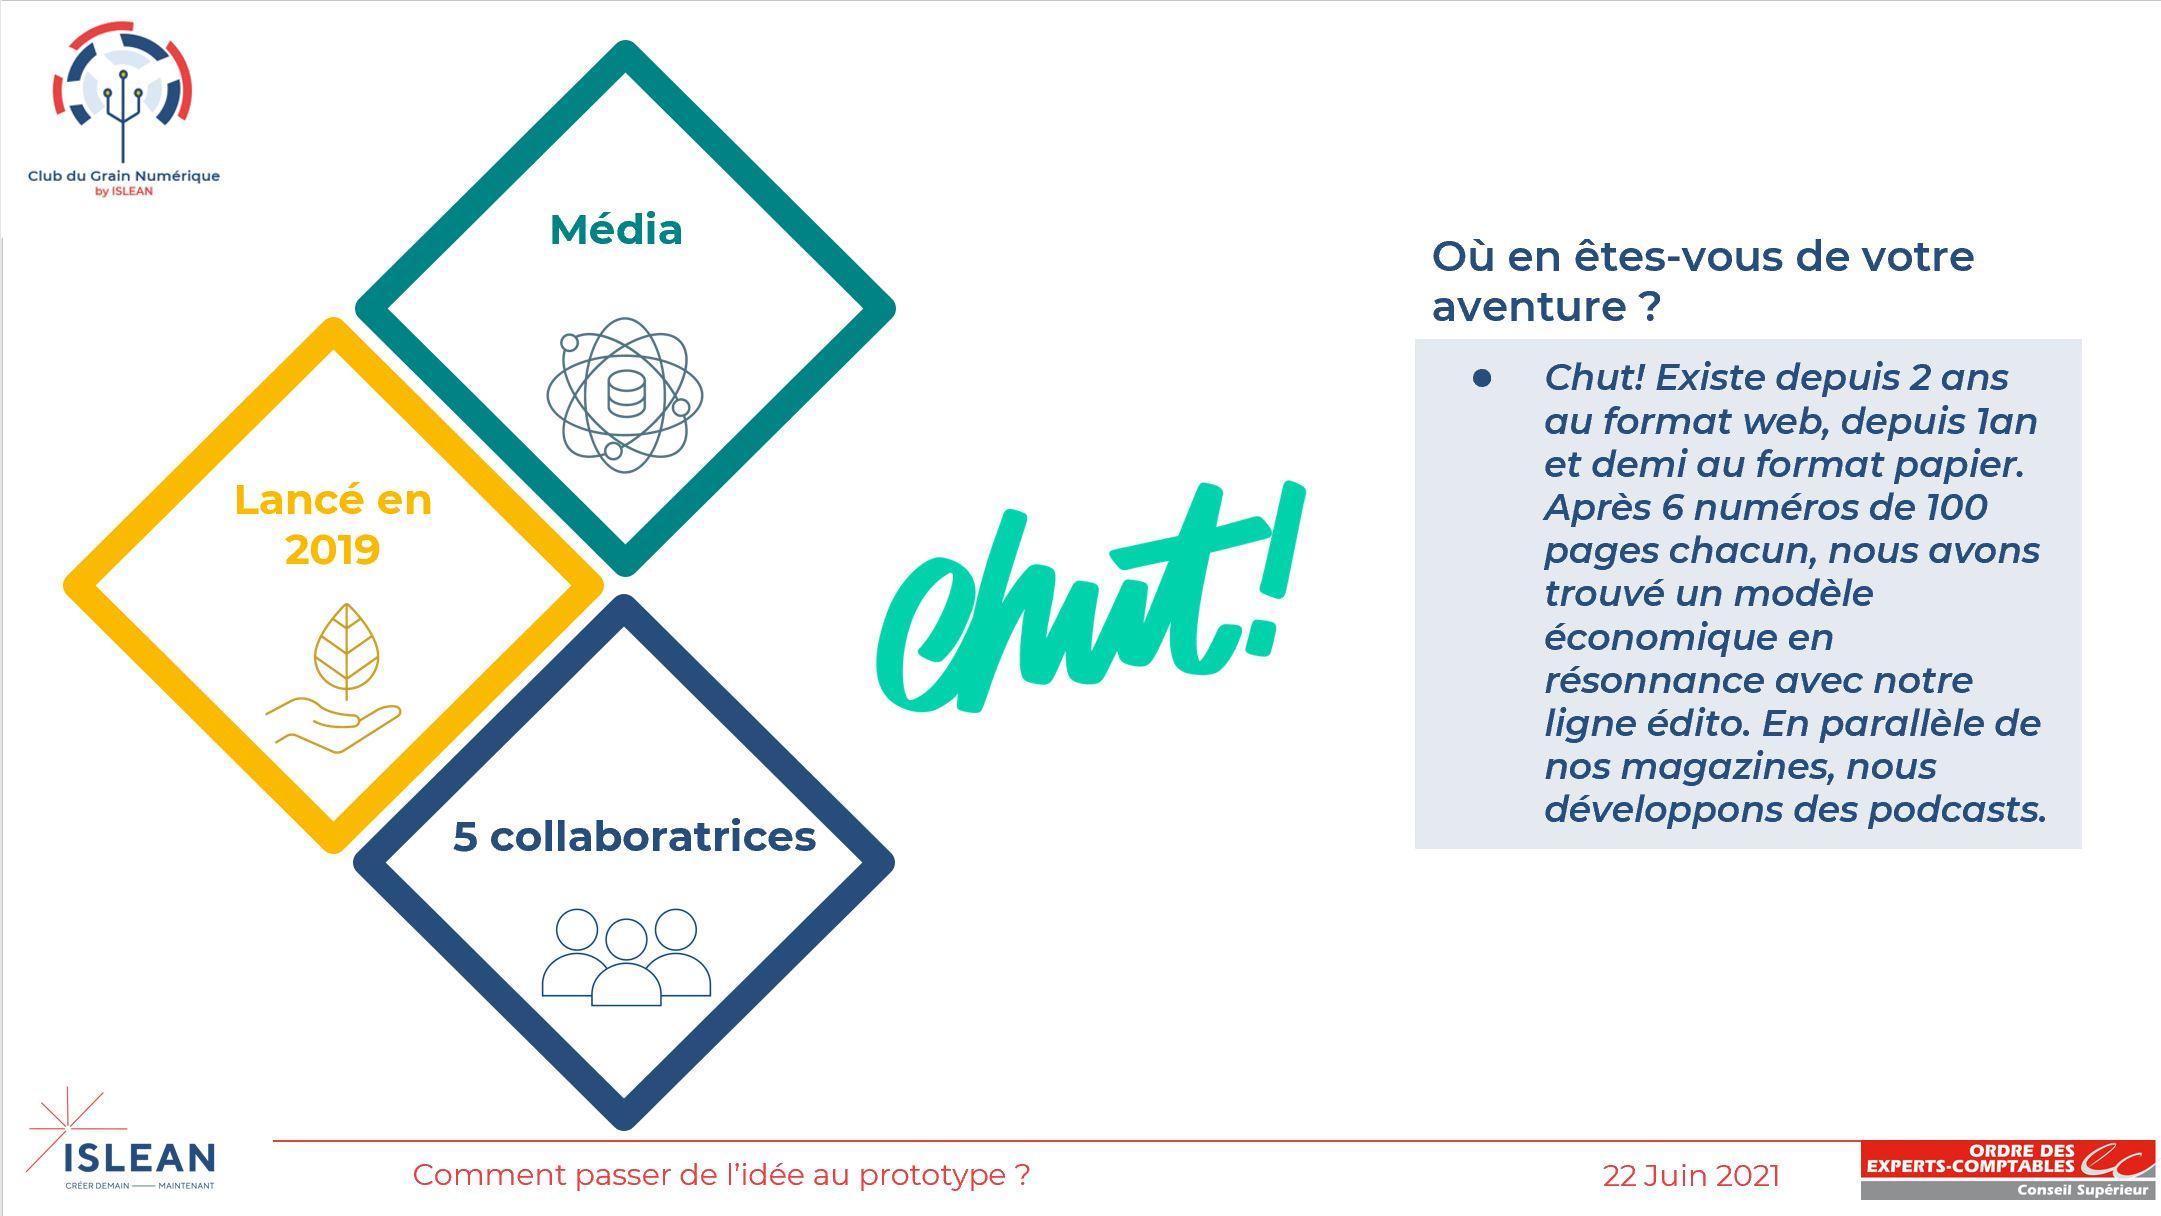 Présentation de Chut! - CGN 2021